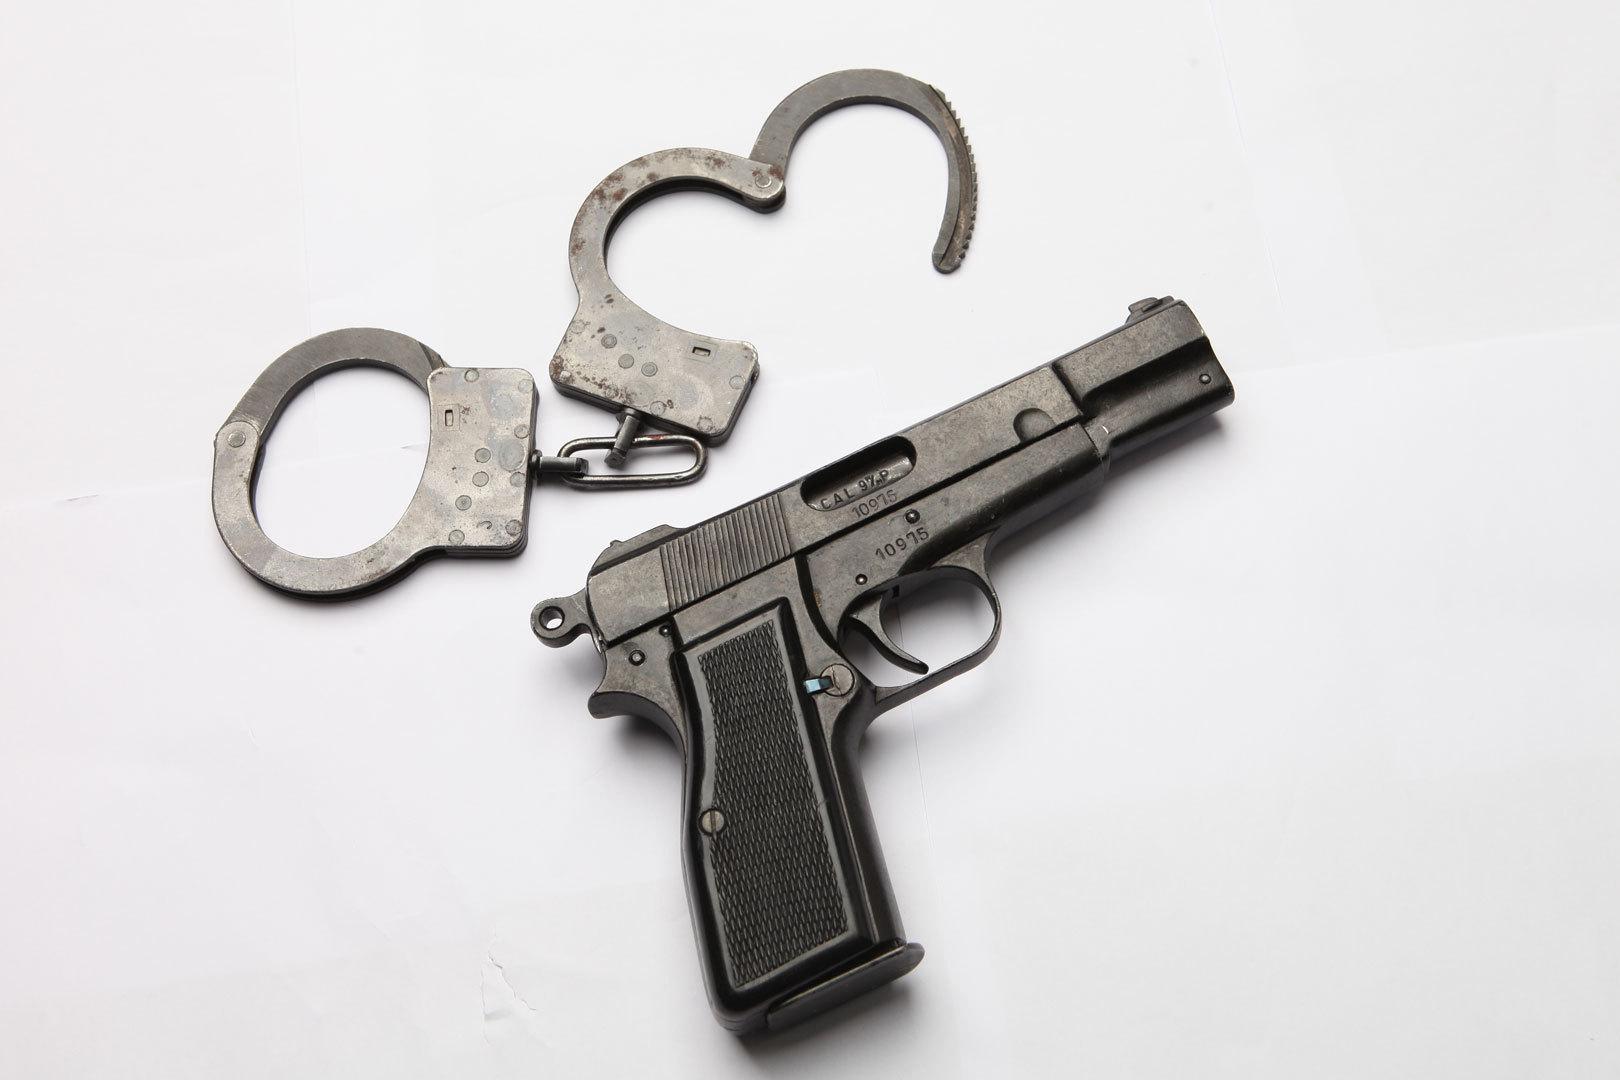 ВКарачаево-Черкесии полицейский случайно выстрелил впах коллеге